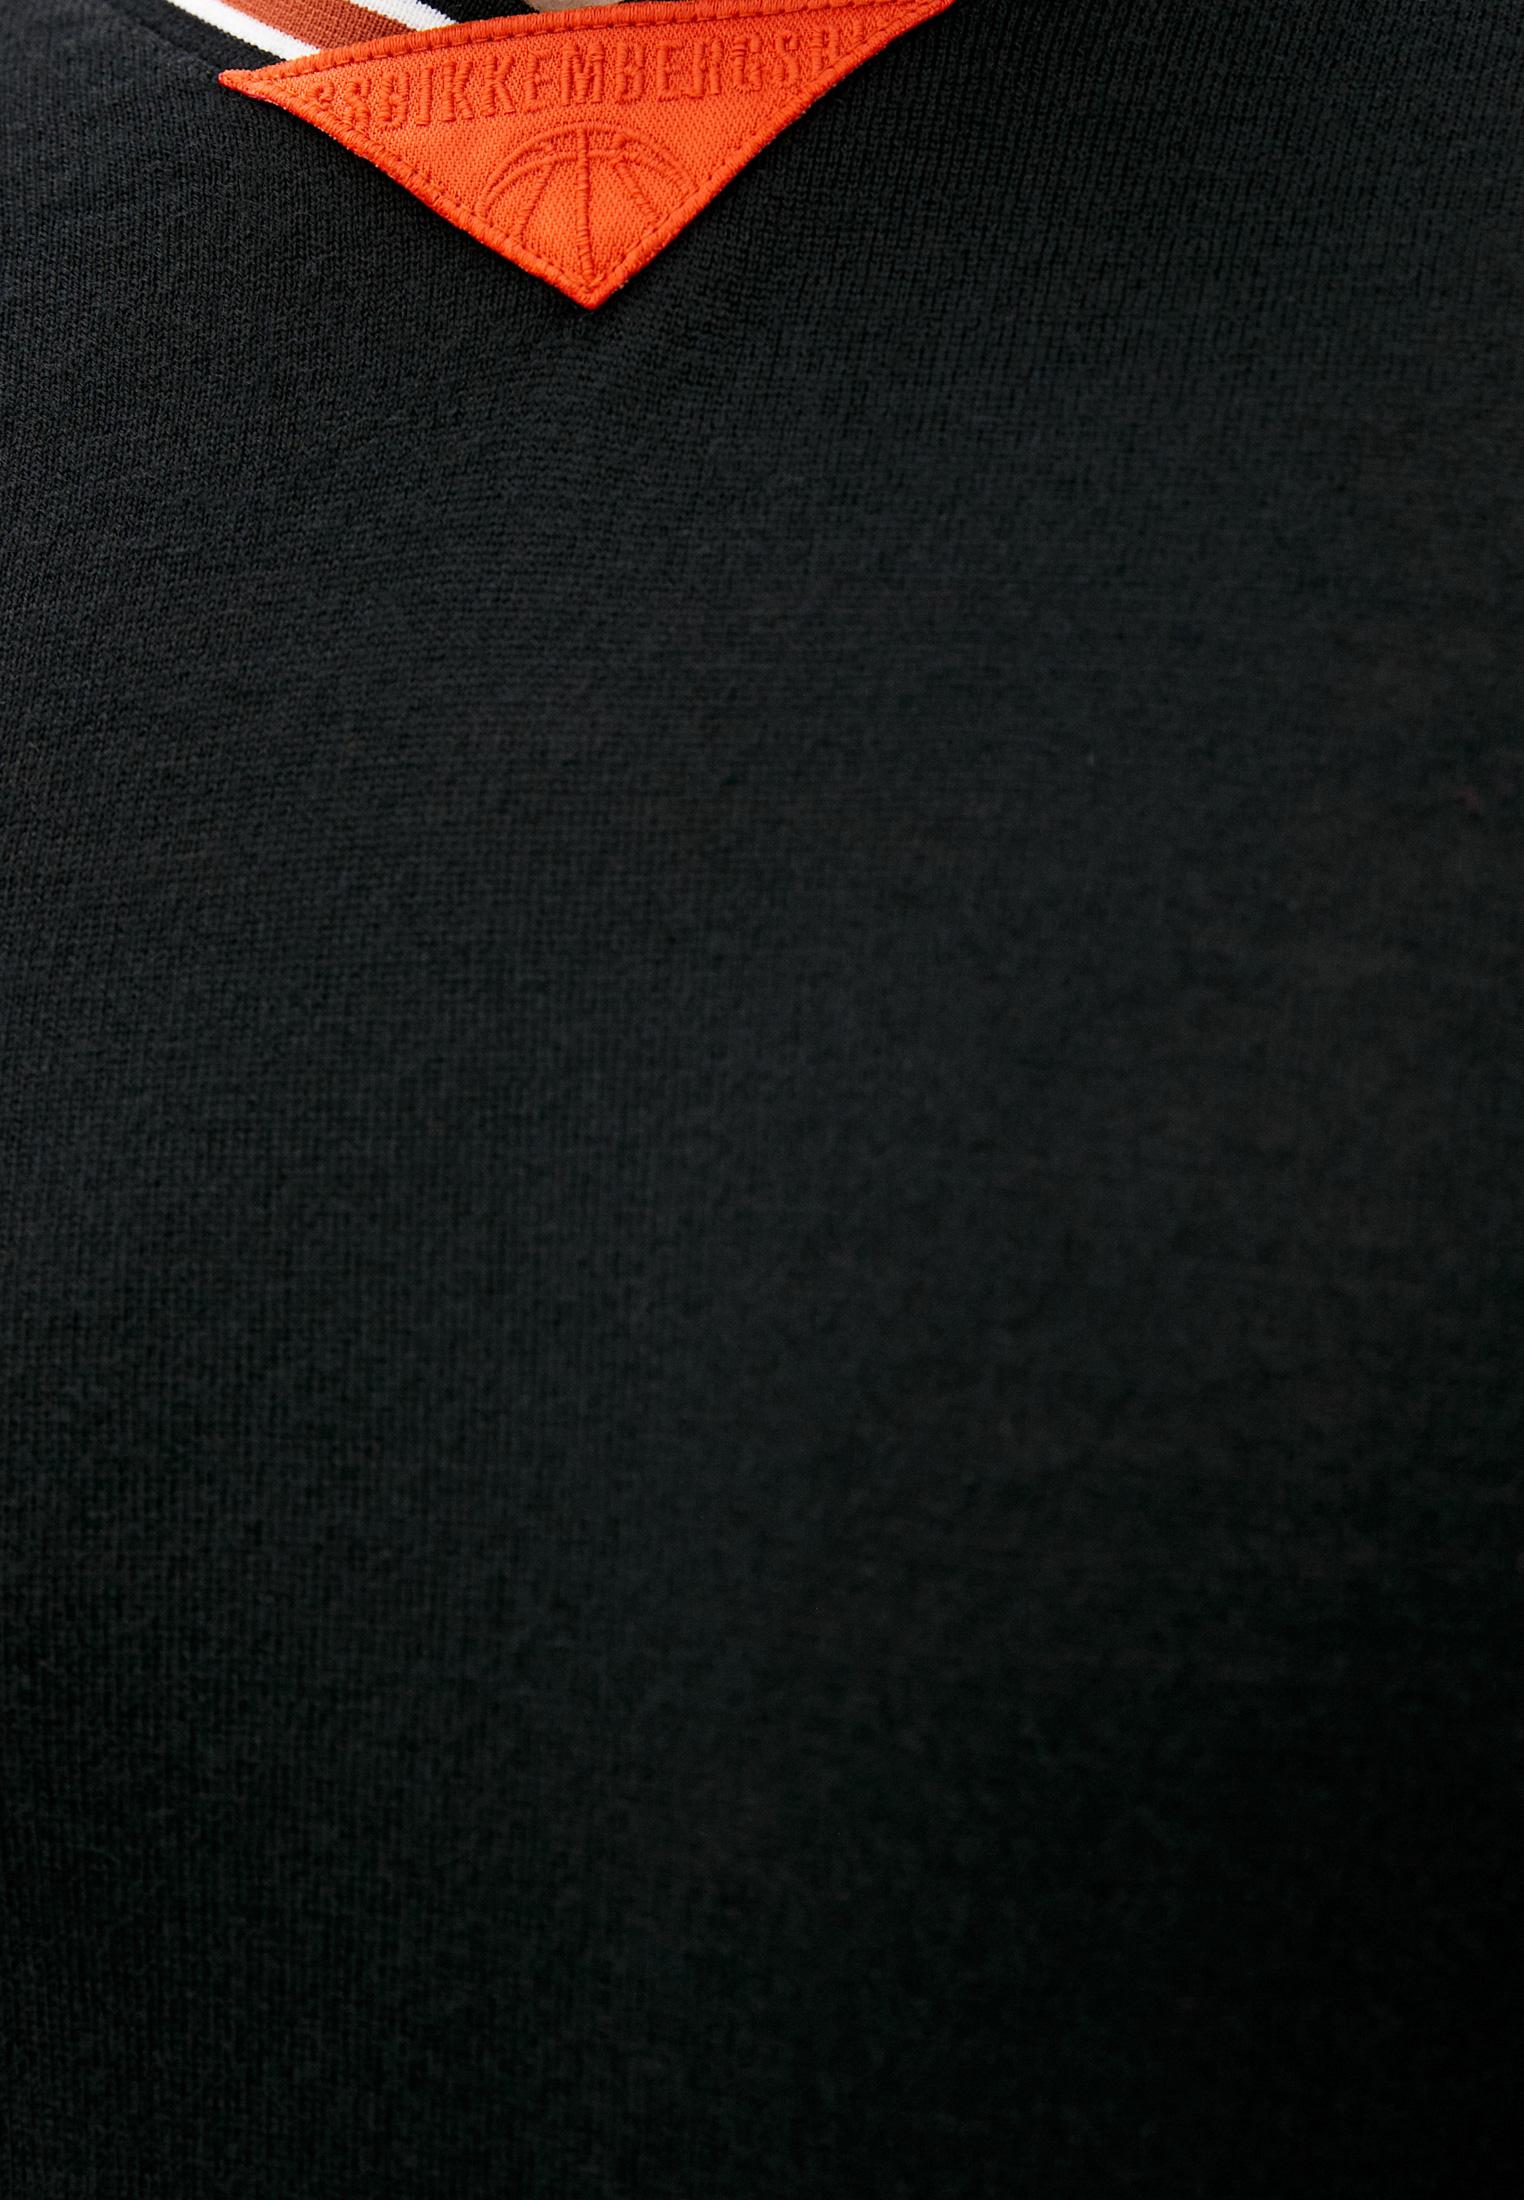 Пуловер Bikkembergs (Биккембергс) c s v21 10 x 1306: изображение 5